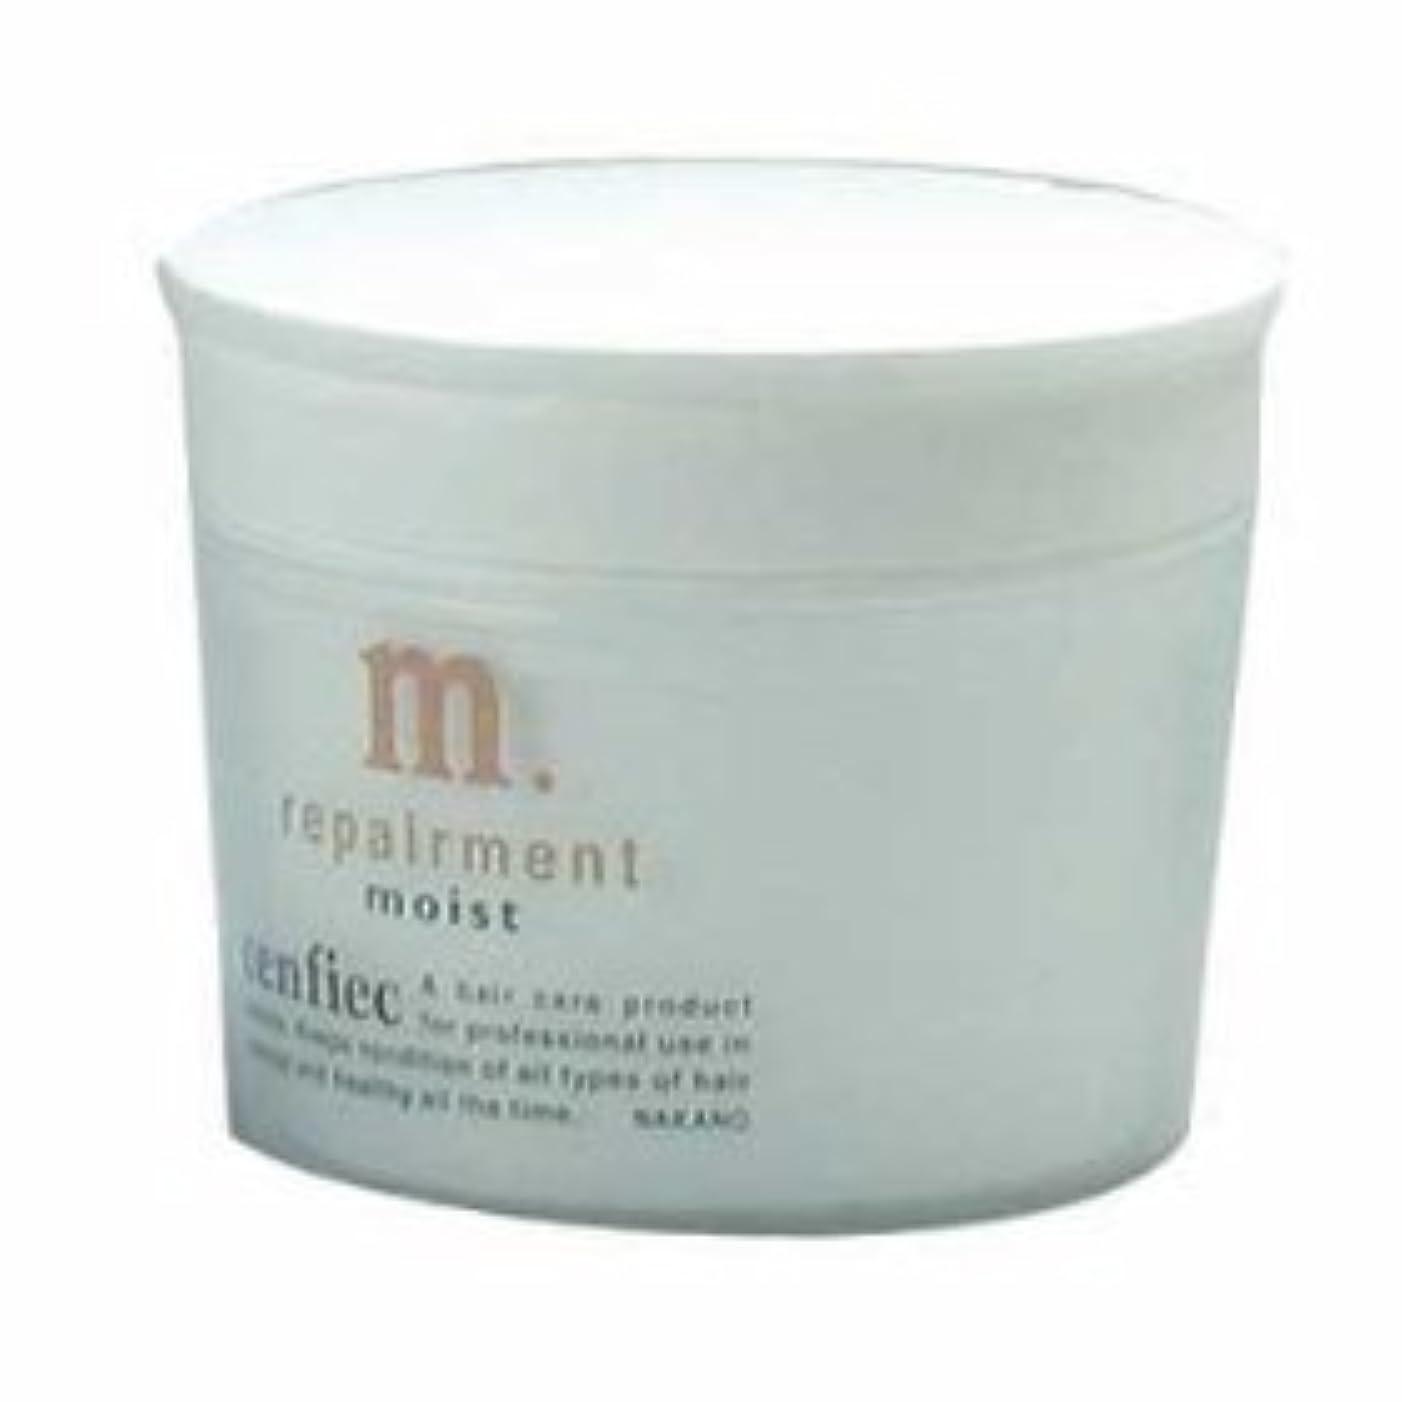 成人期そして素晴らしい中野製薬 センフィーク リペアメント モイスト 250g (トリートメント)